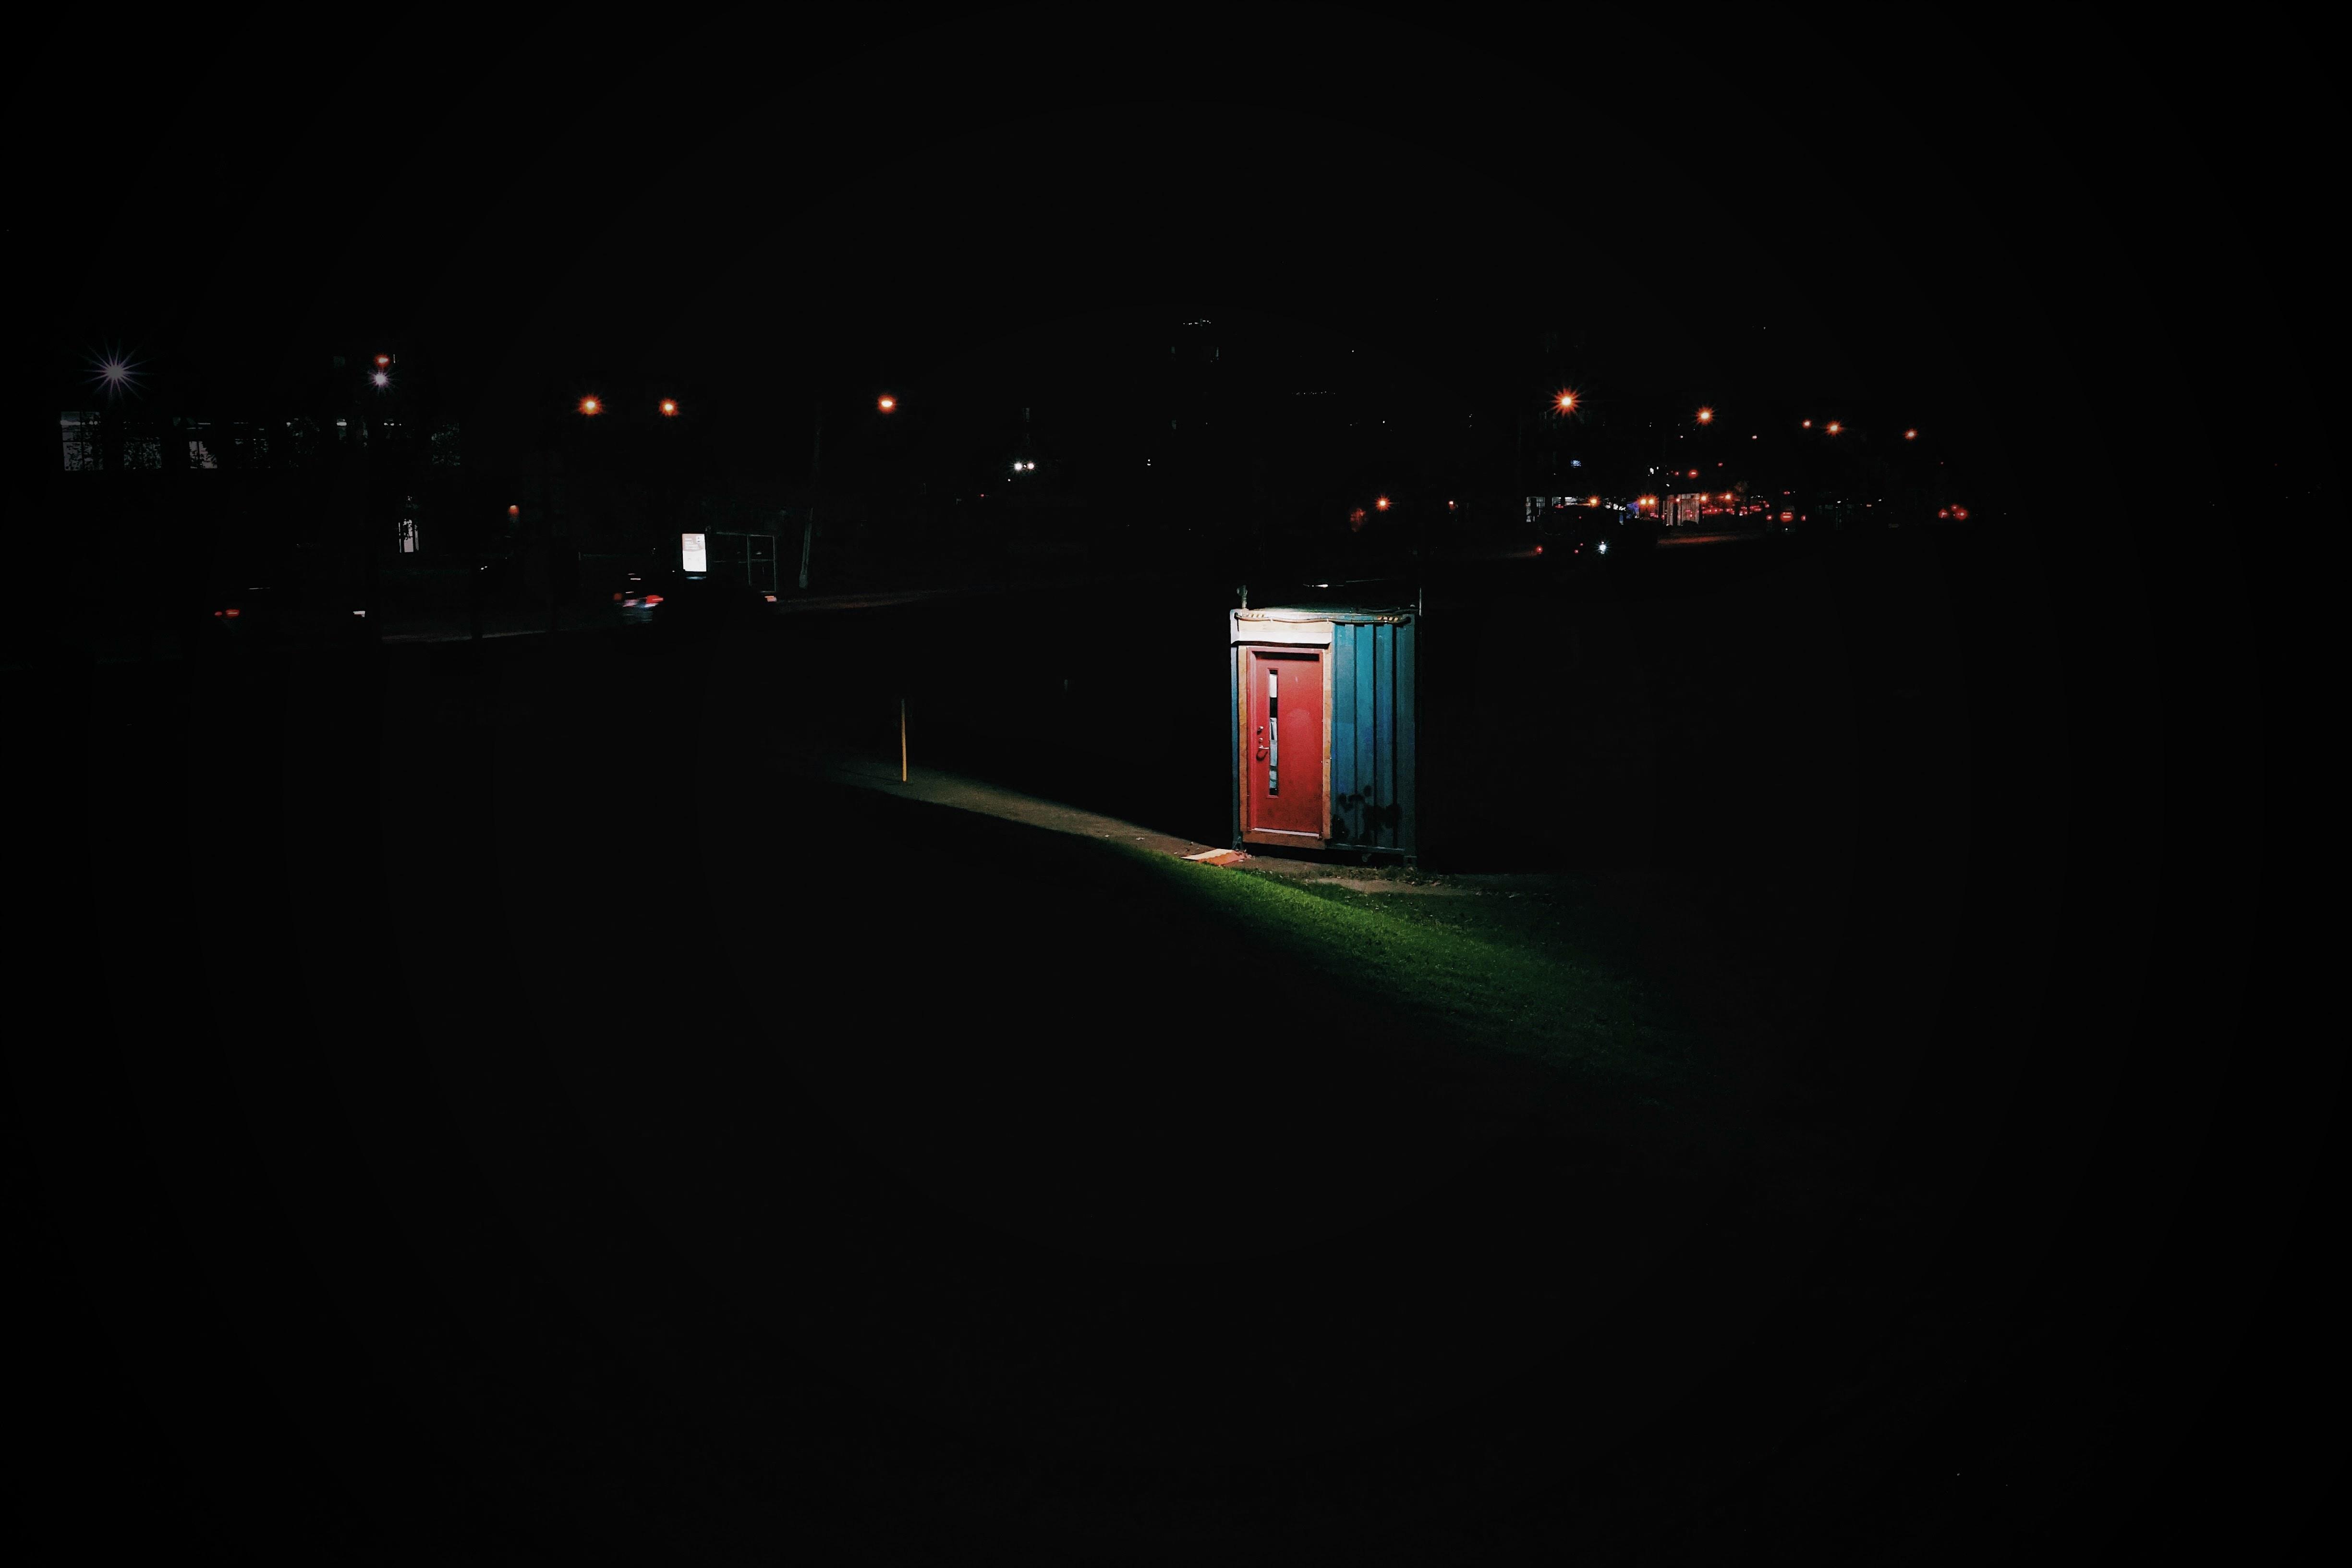 red door shed taken during night time